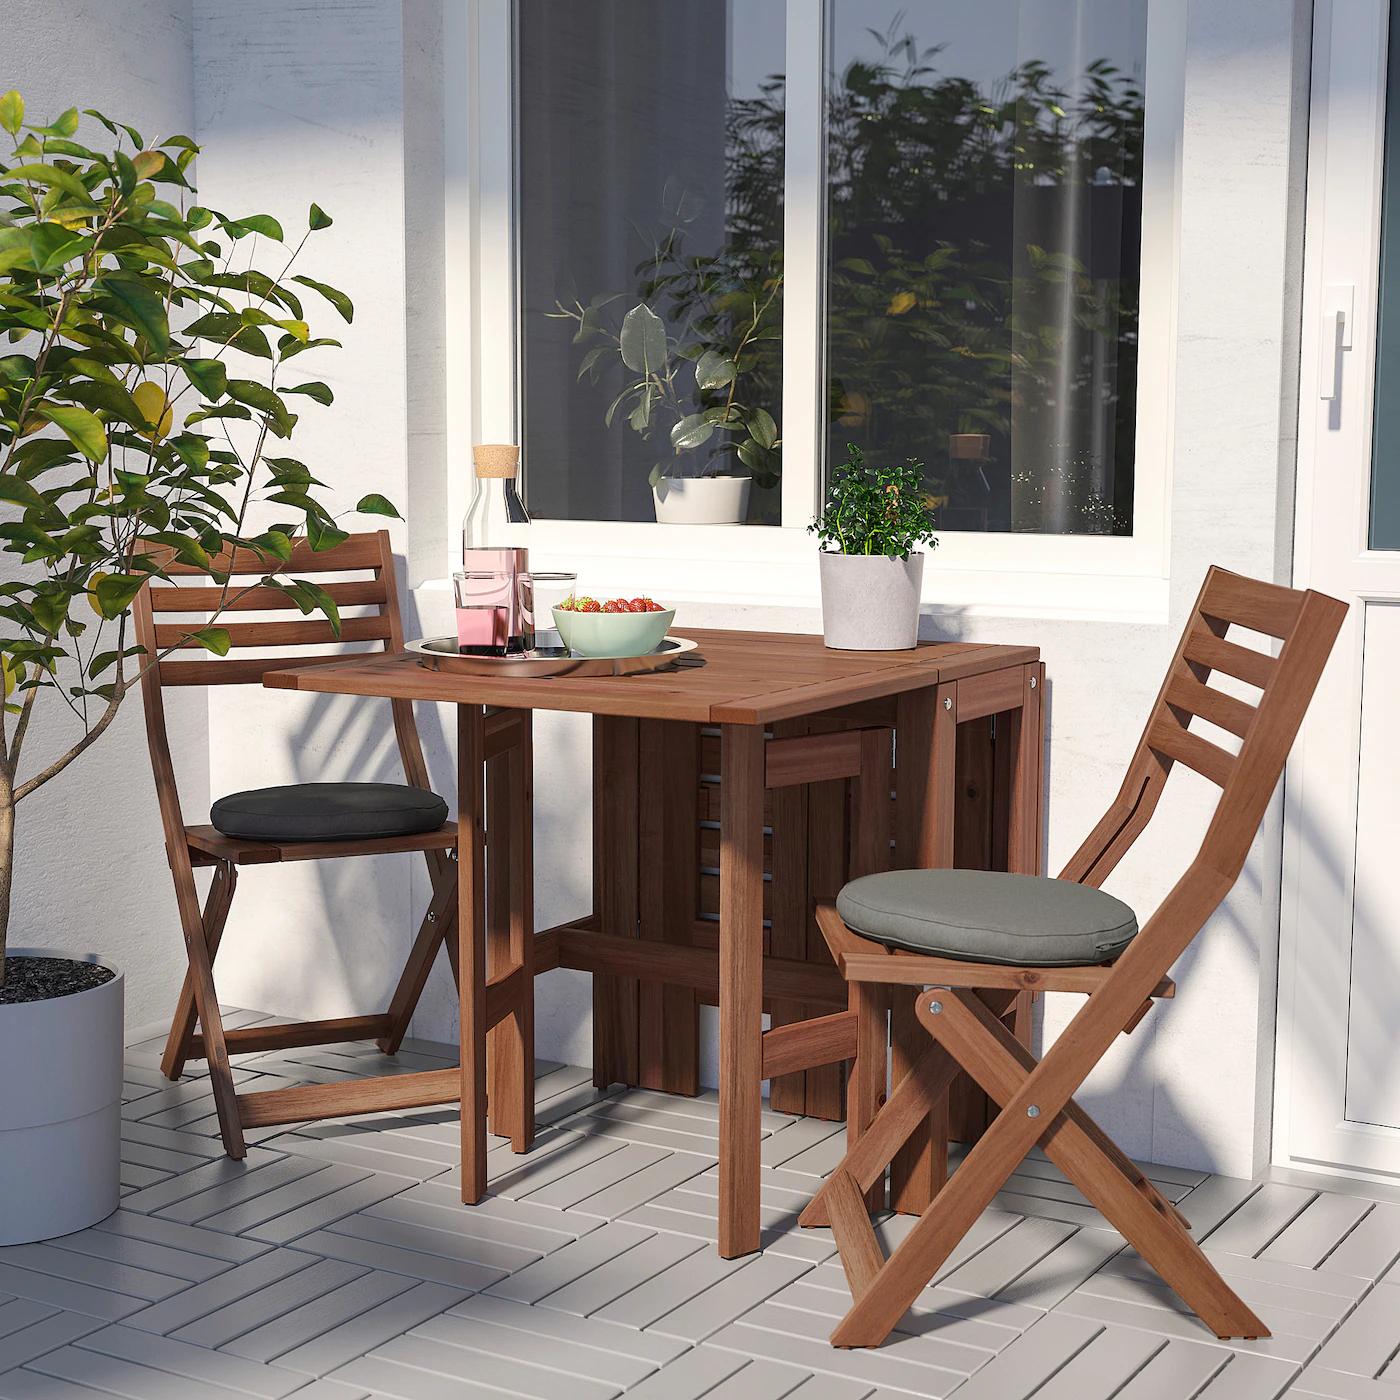 [Ikea Family] Table pliante d'extérieur Äpplarö - Teintée brun, 34/83/131 x 70 cm